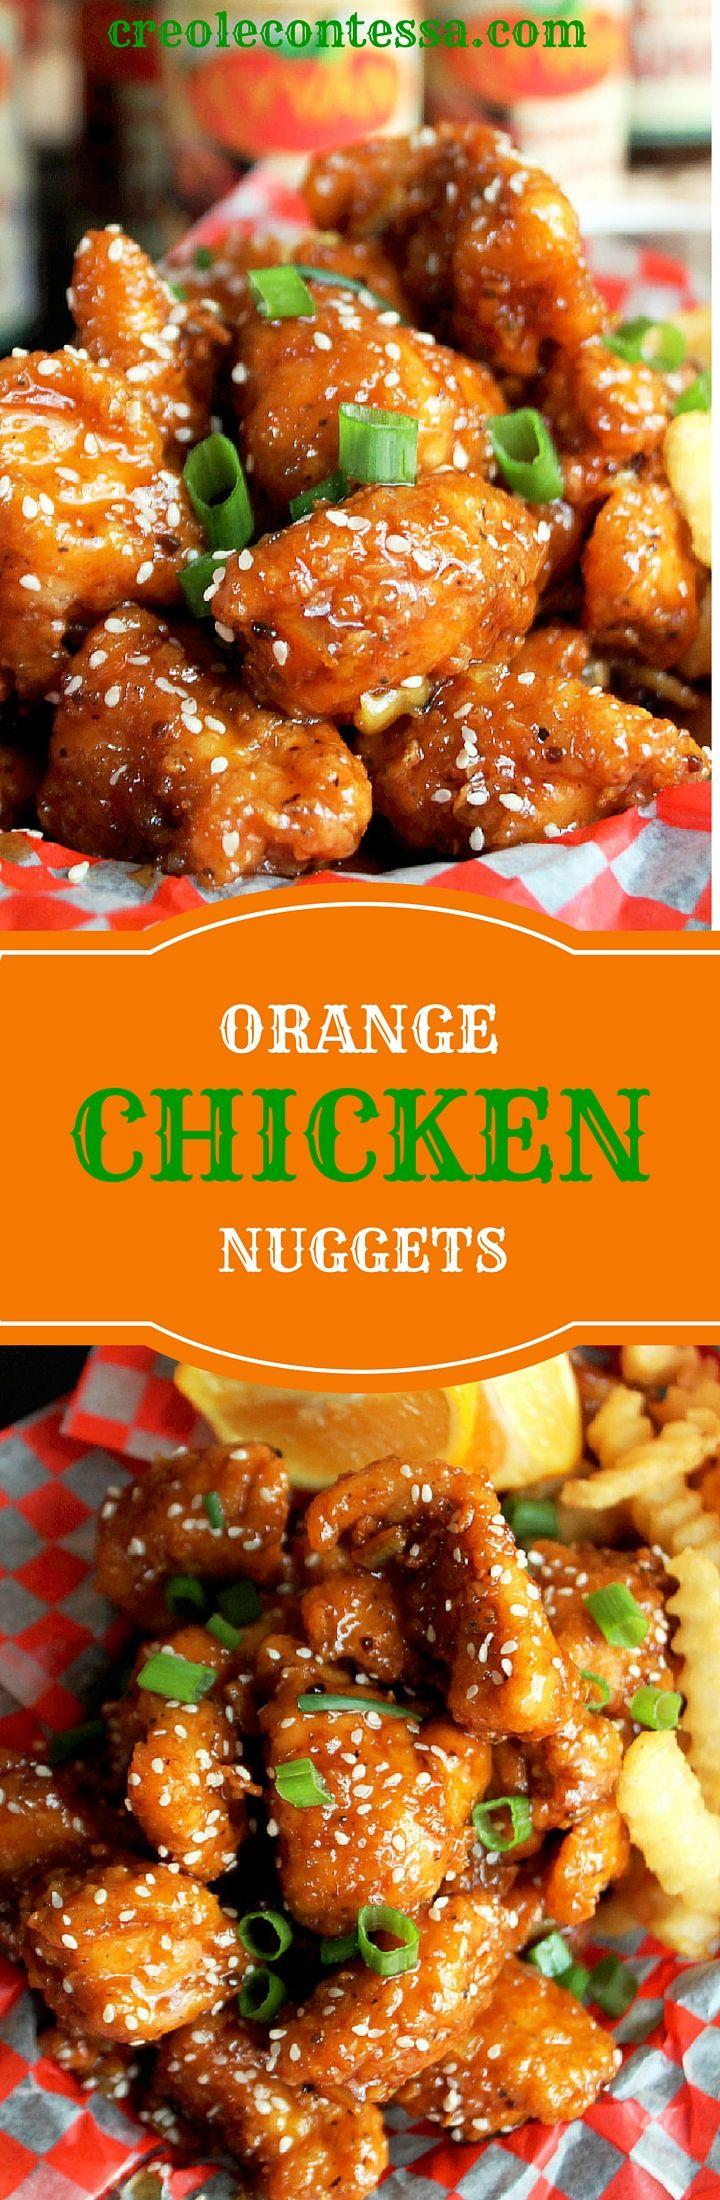 Orange Chicken Nuggets